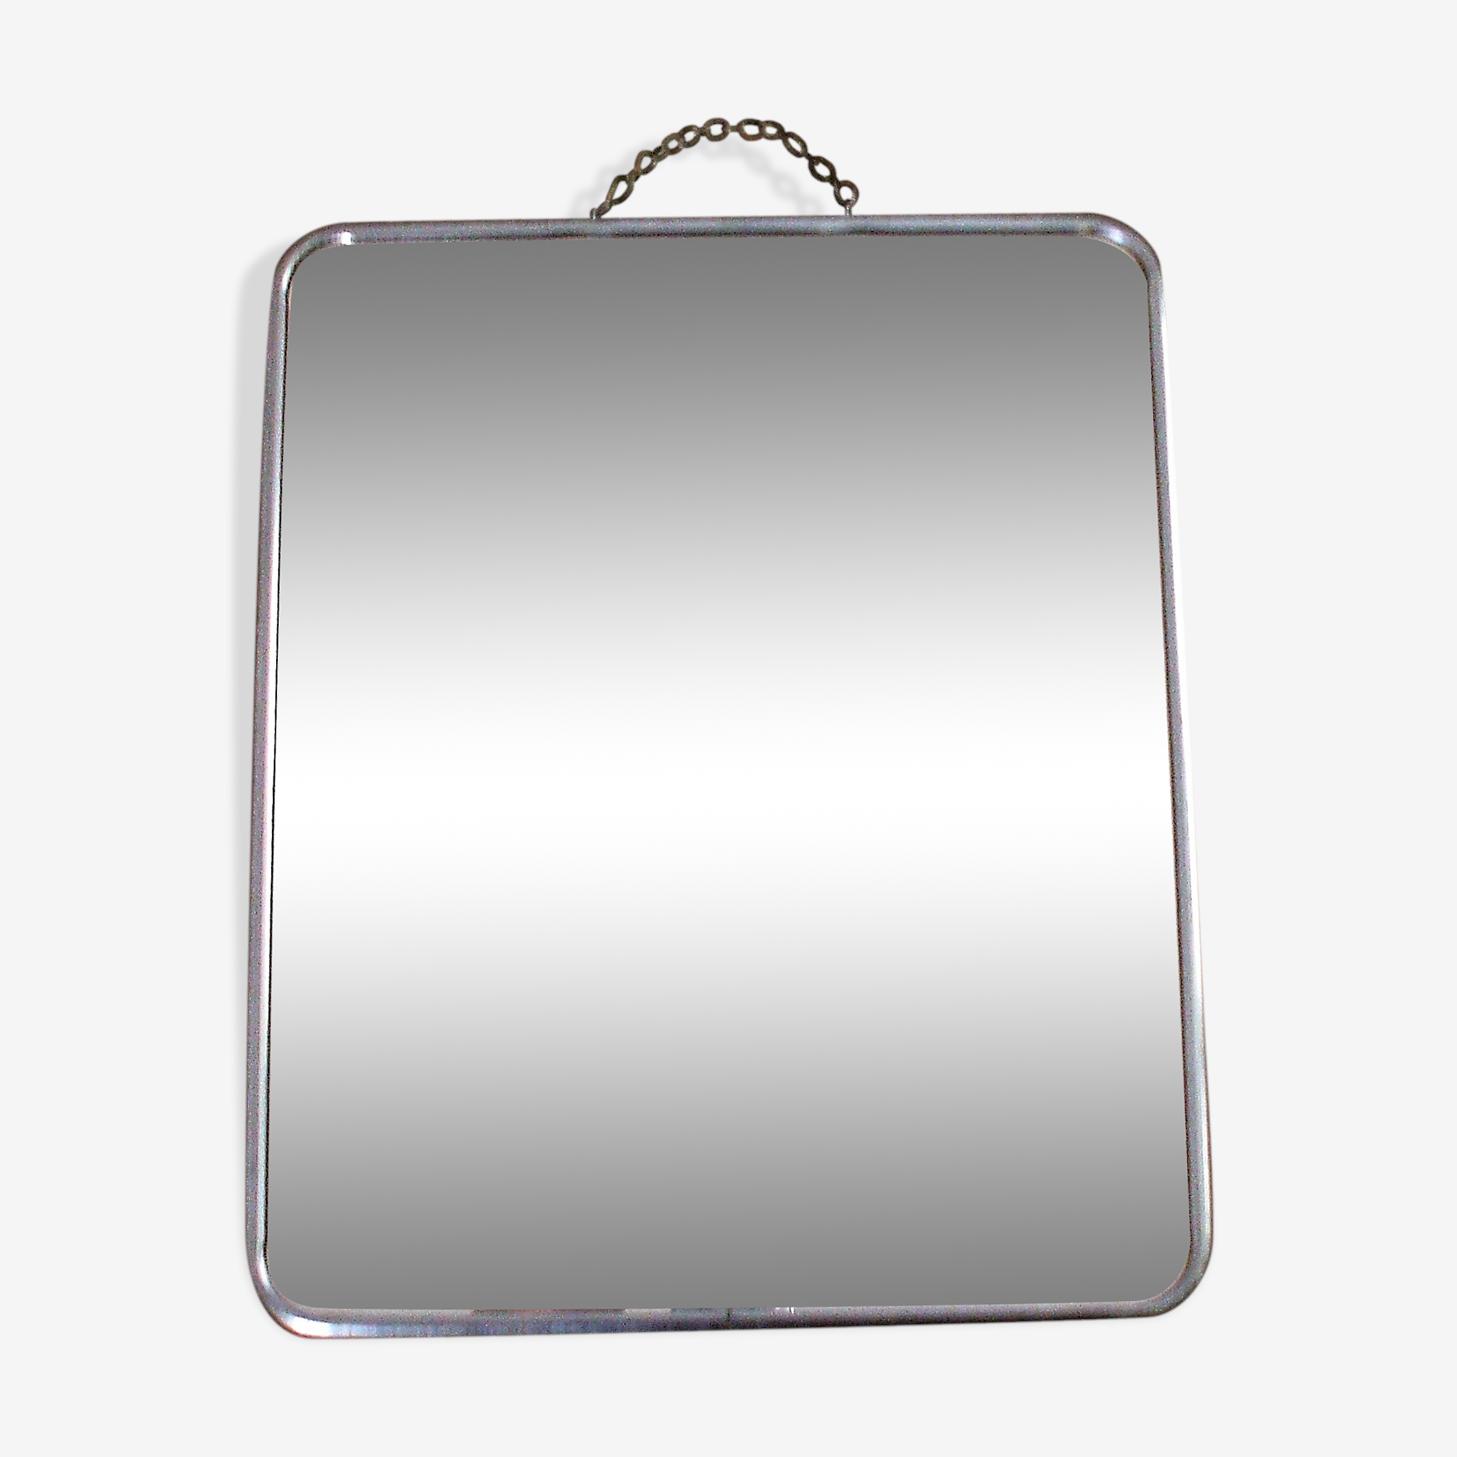 Miroir barbier 28X14 cm